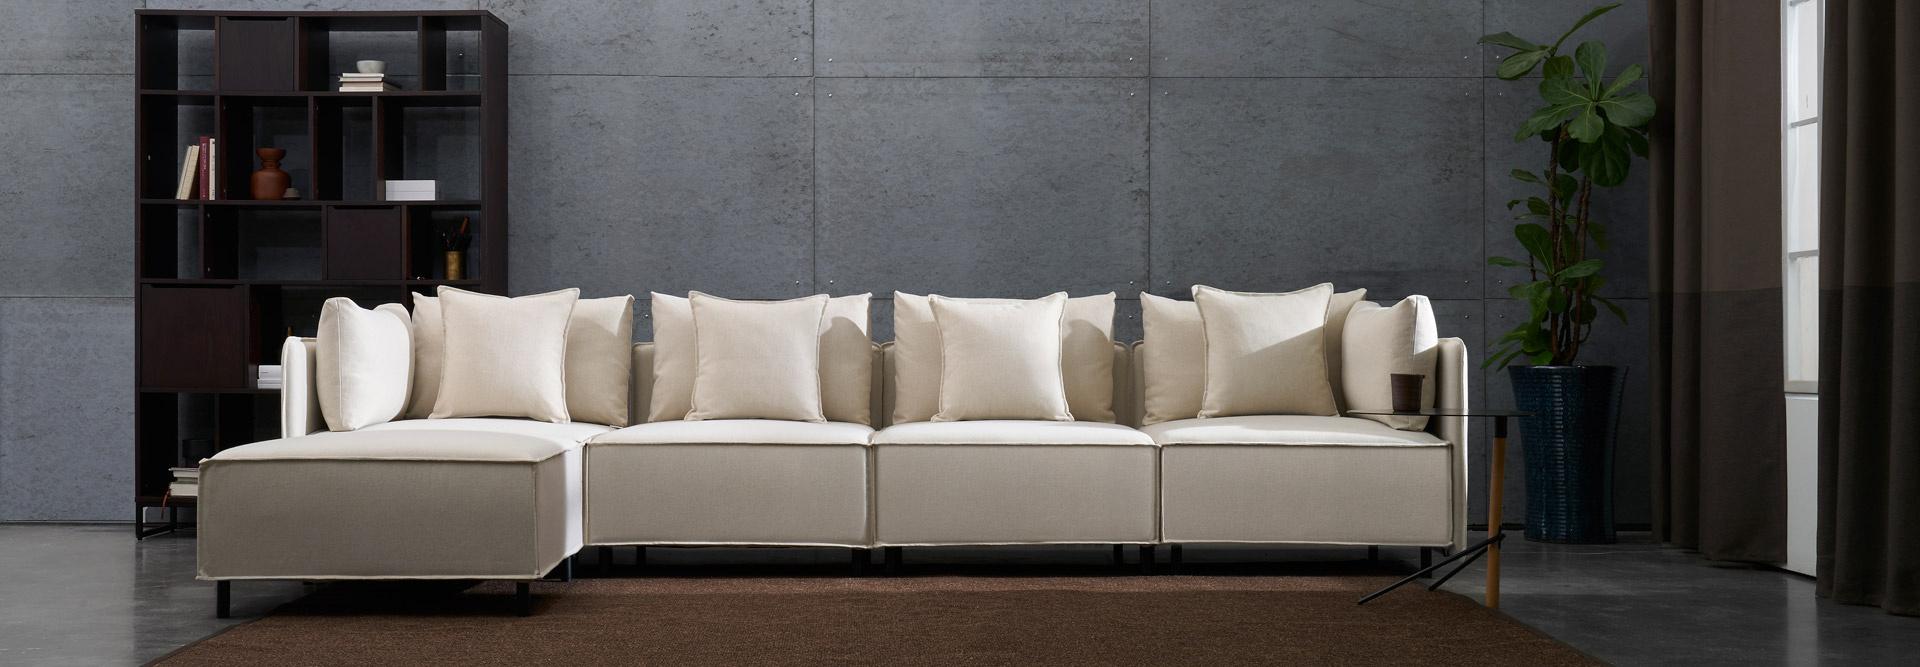 一张全尺寸可拆洗的舒适沙发,大有其道